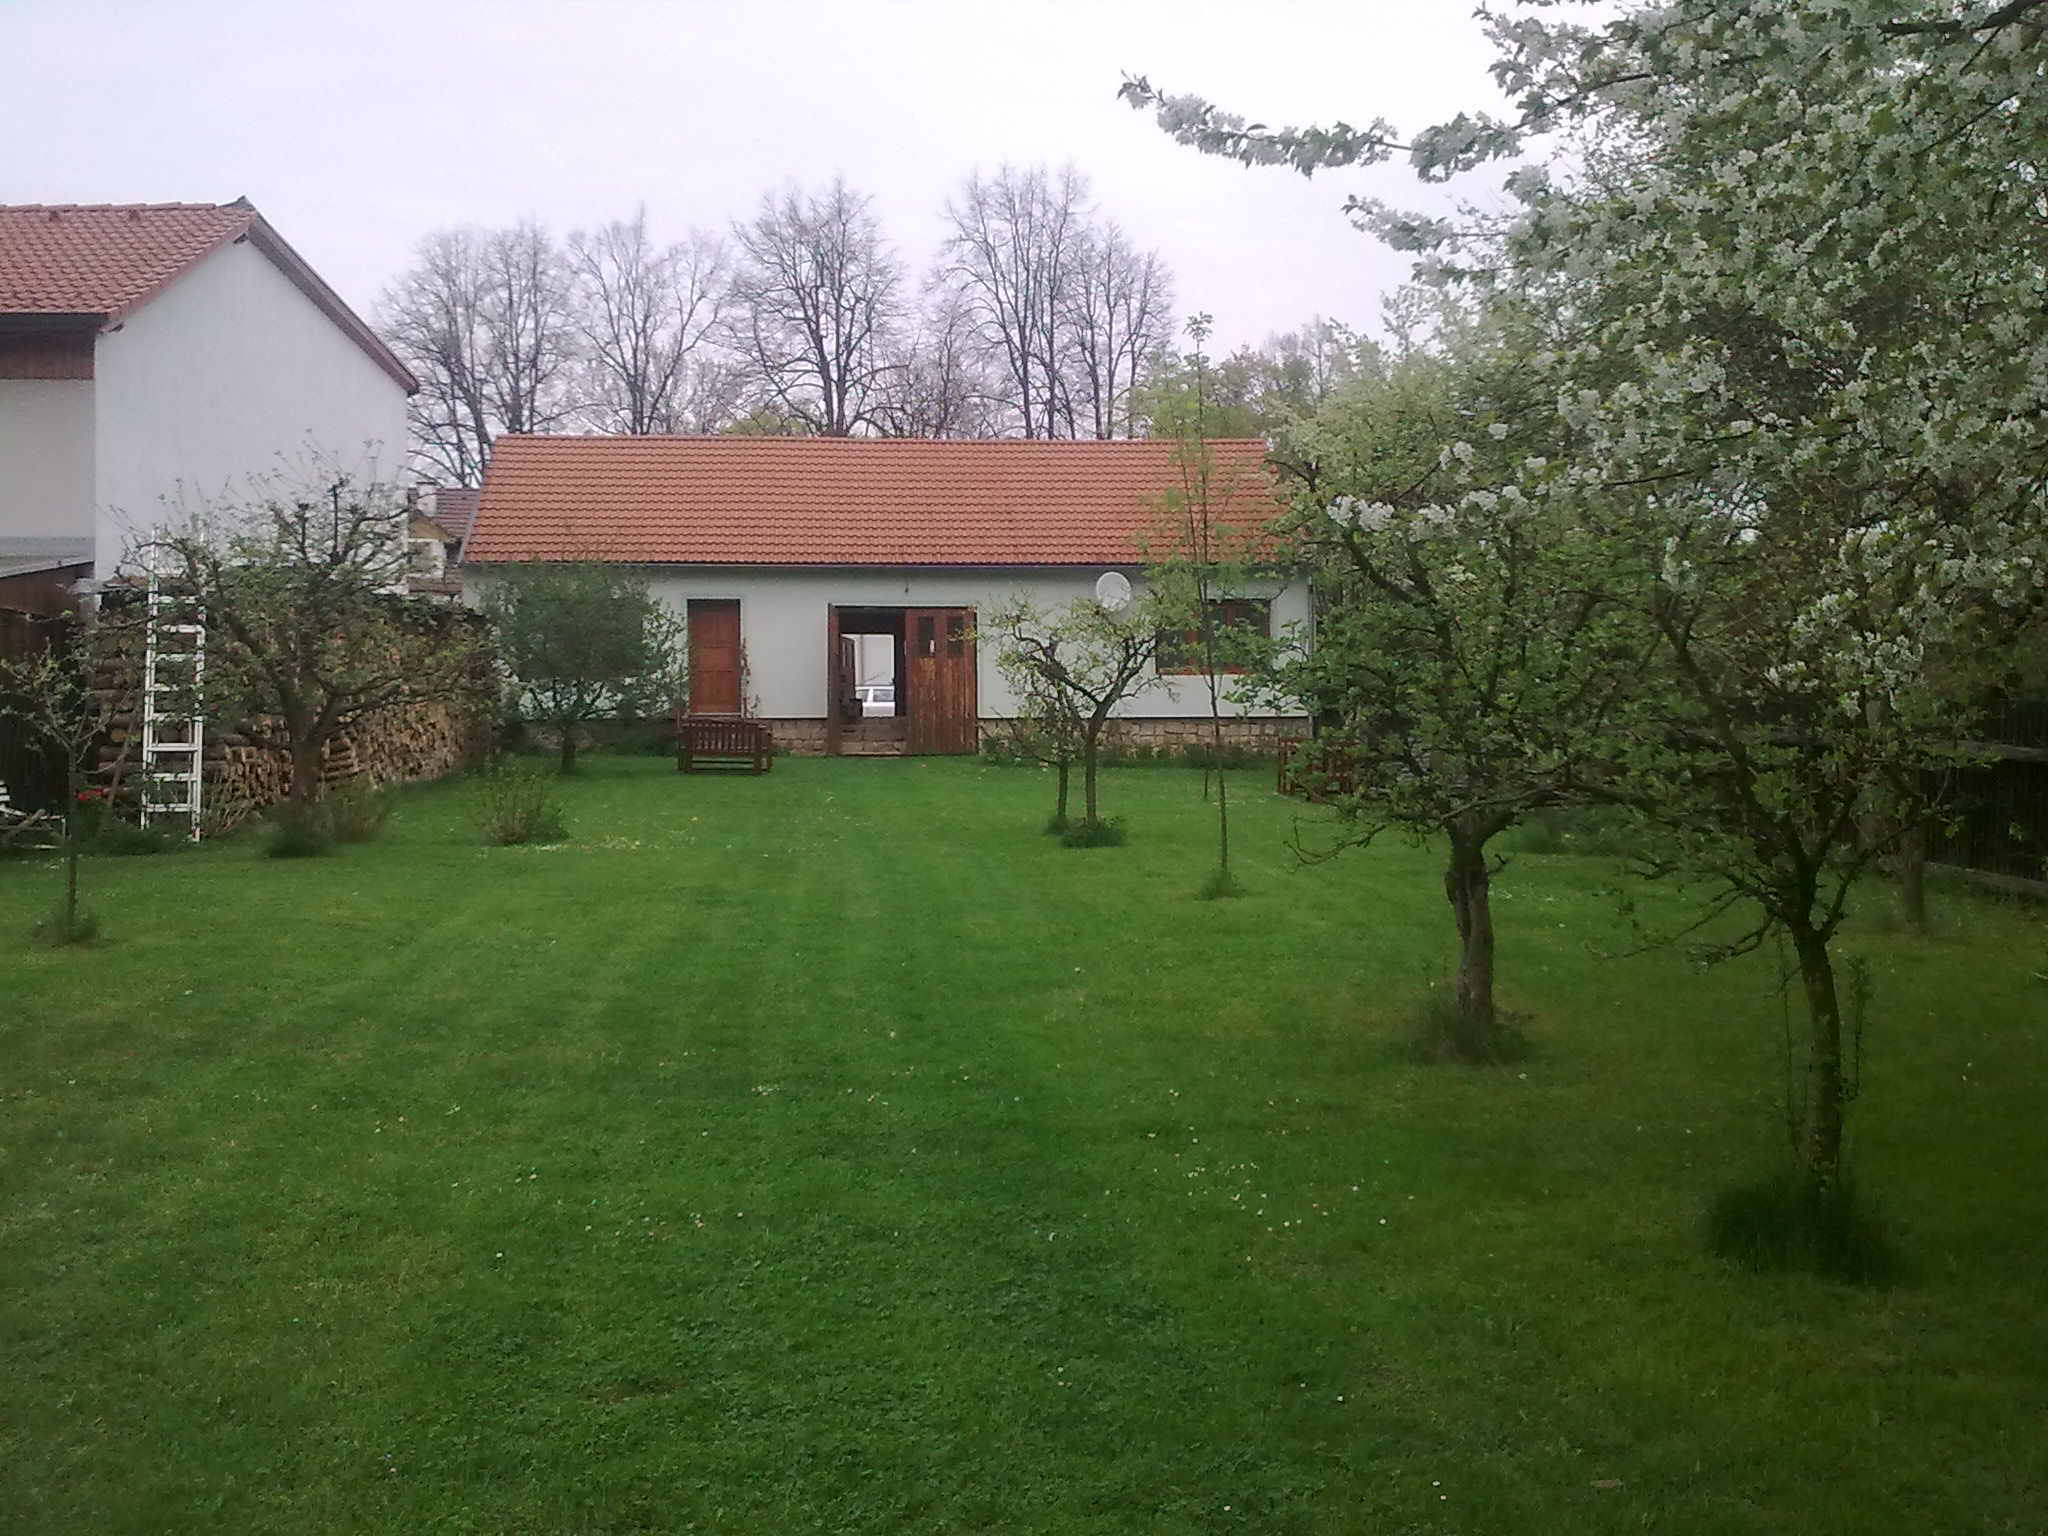 Pohled na zahradní domek s pokoji